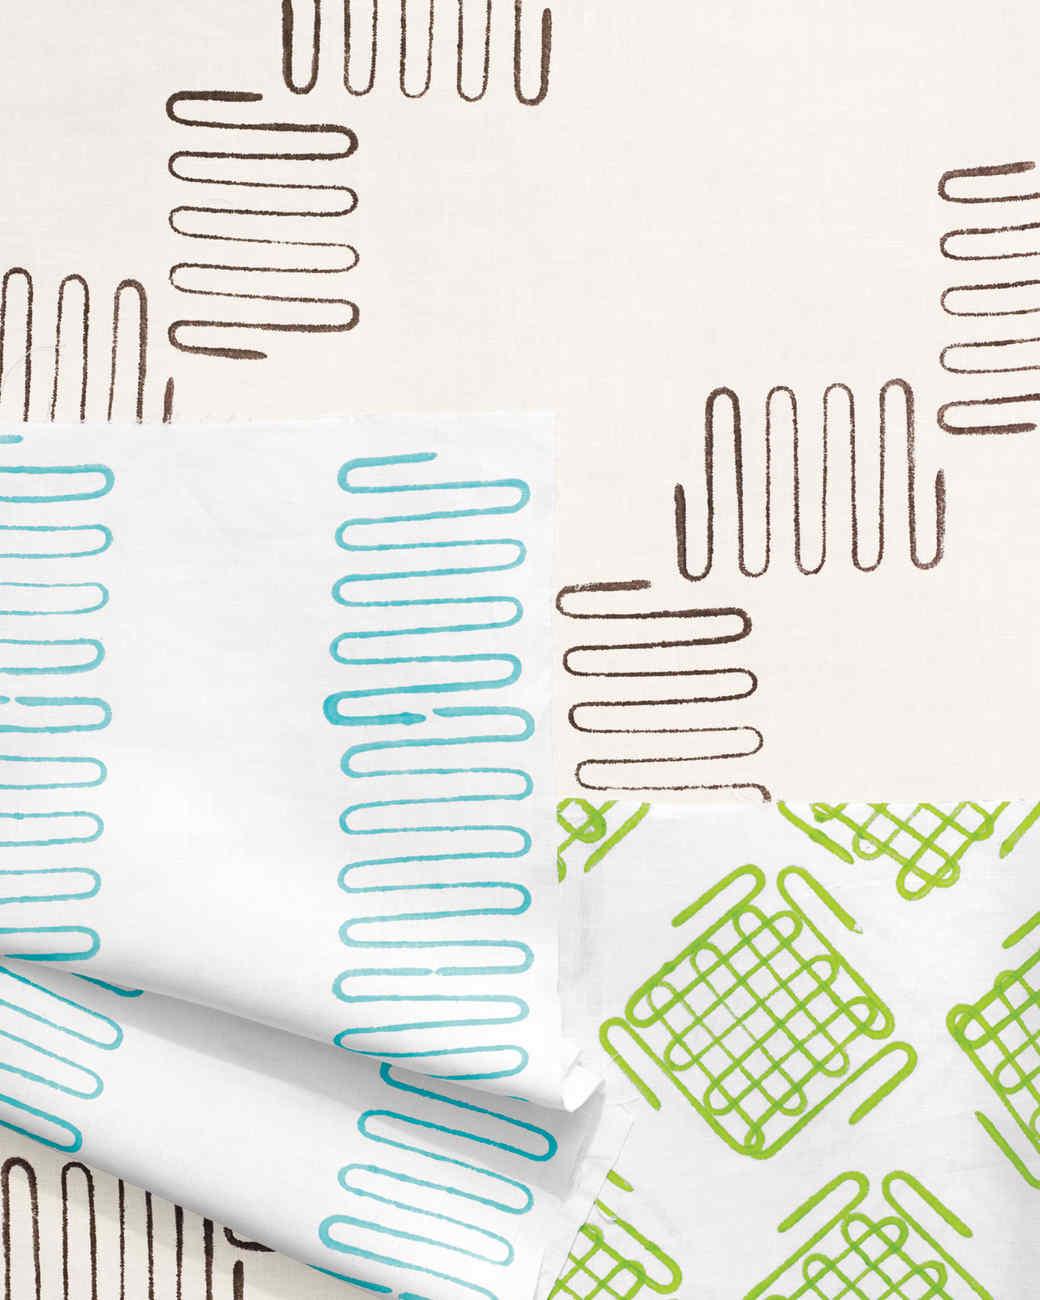 03-patterns-125-md108129.jpg